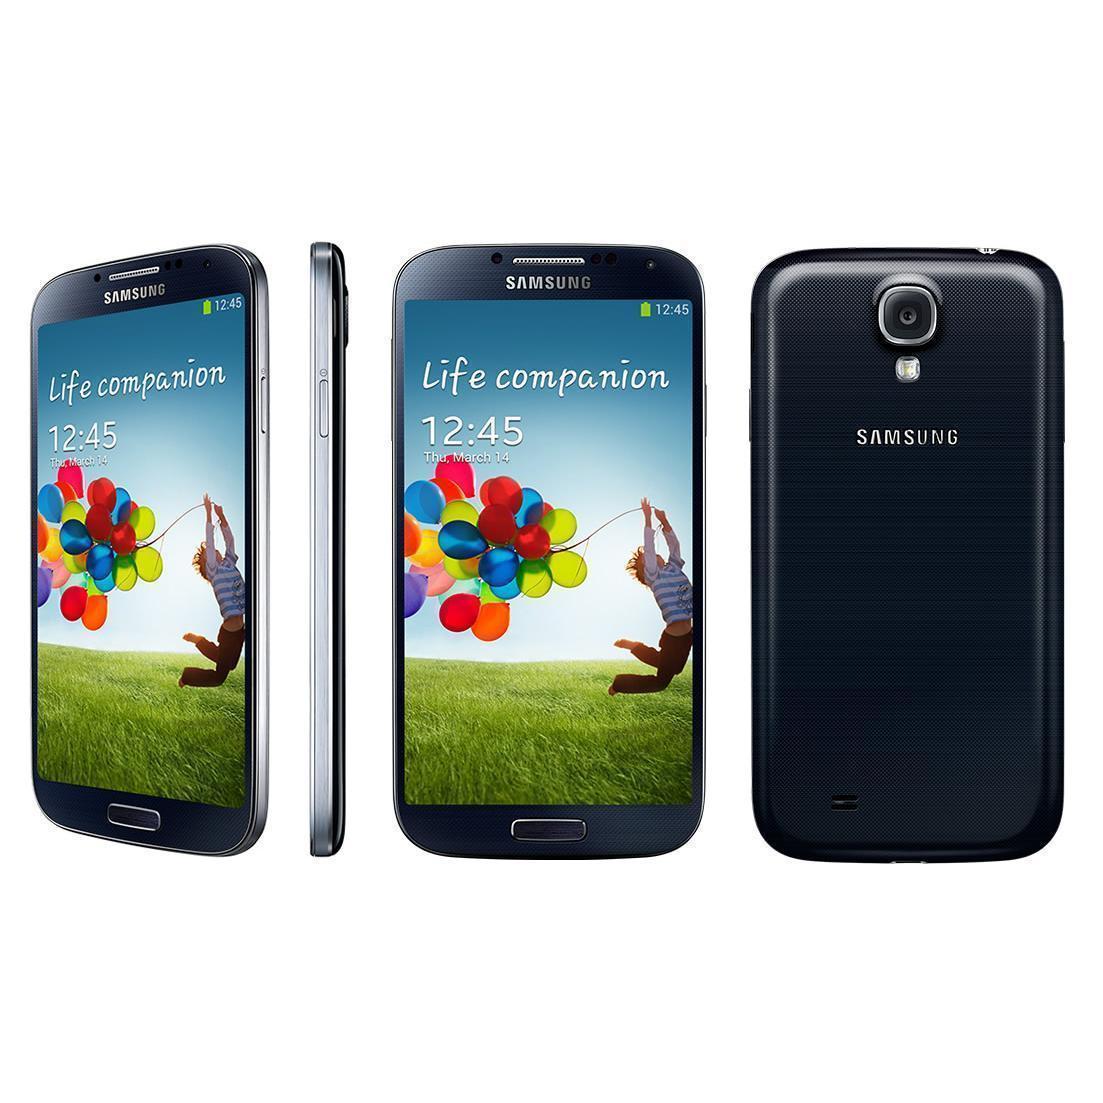 Galaxy S4 16GB - Black - Verizon